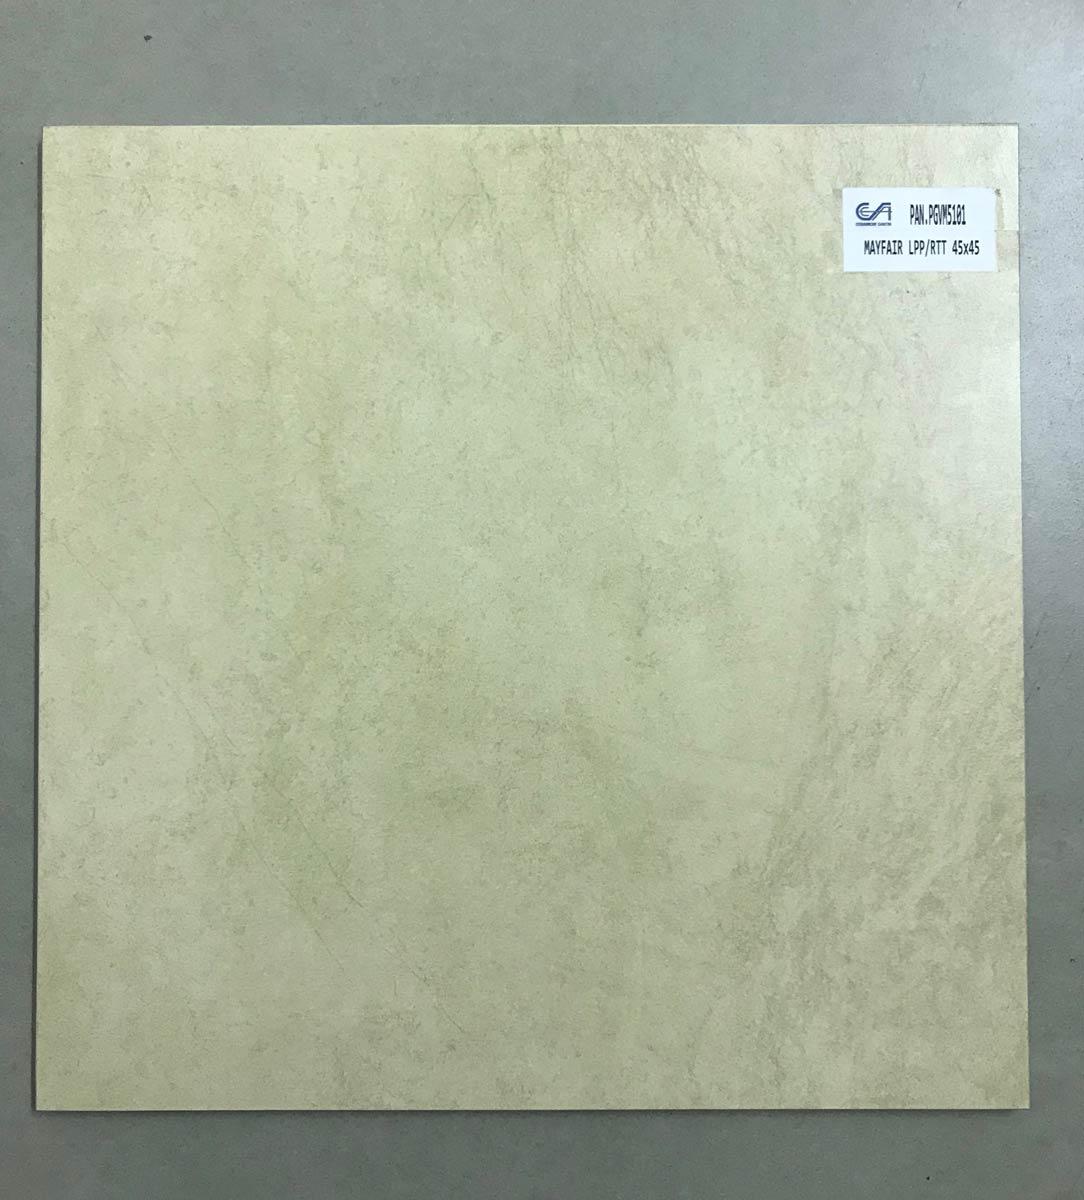 Stock piastrelle e ceramiche pag 2 cesa ceramiche santin for Piastrelle 25x25